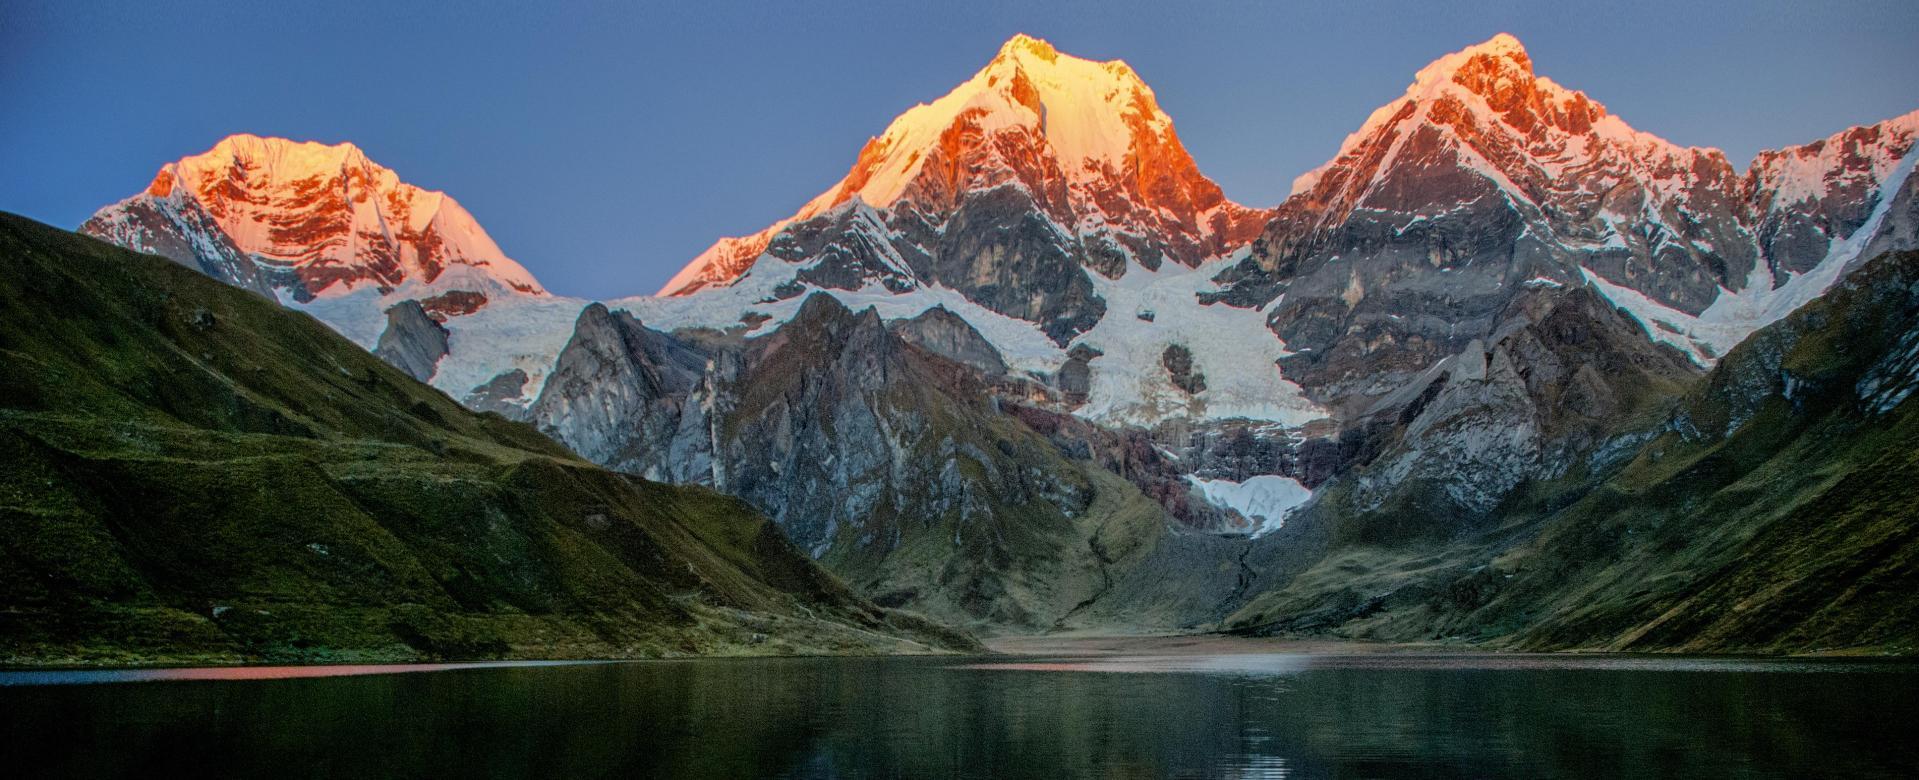 Voyage à pied : Pérou : Cordillères blanche et huayhuash